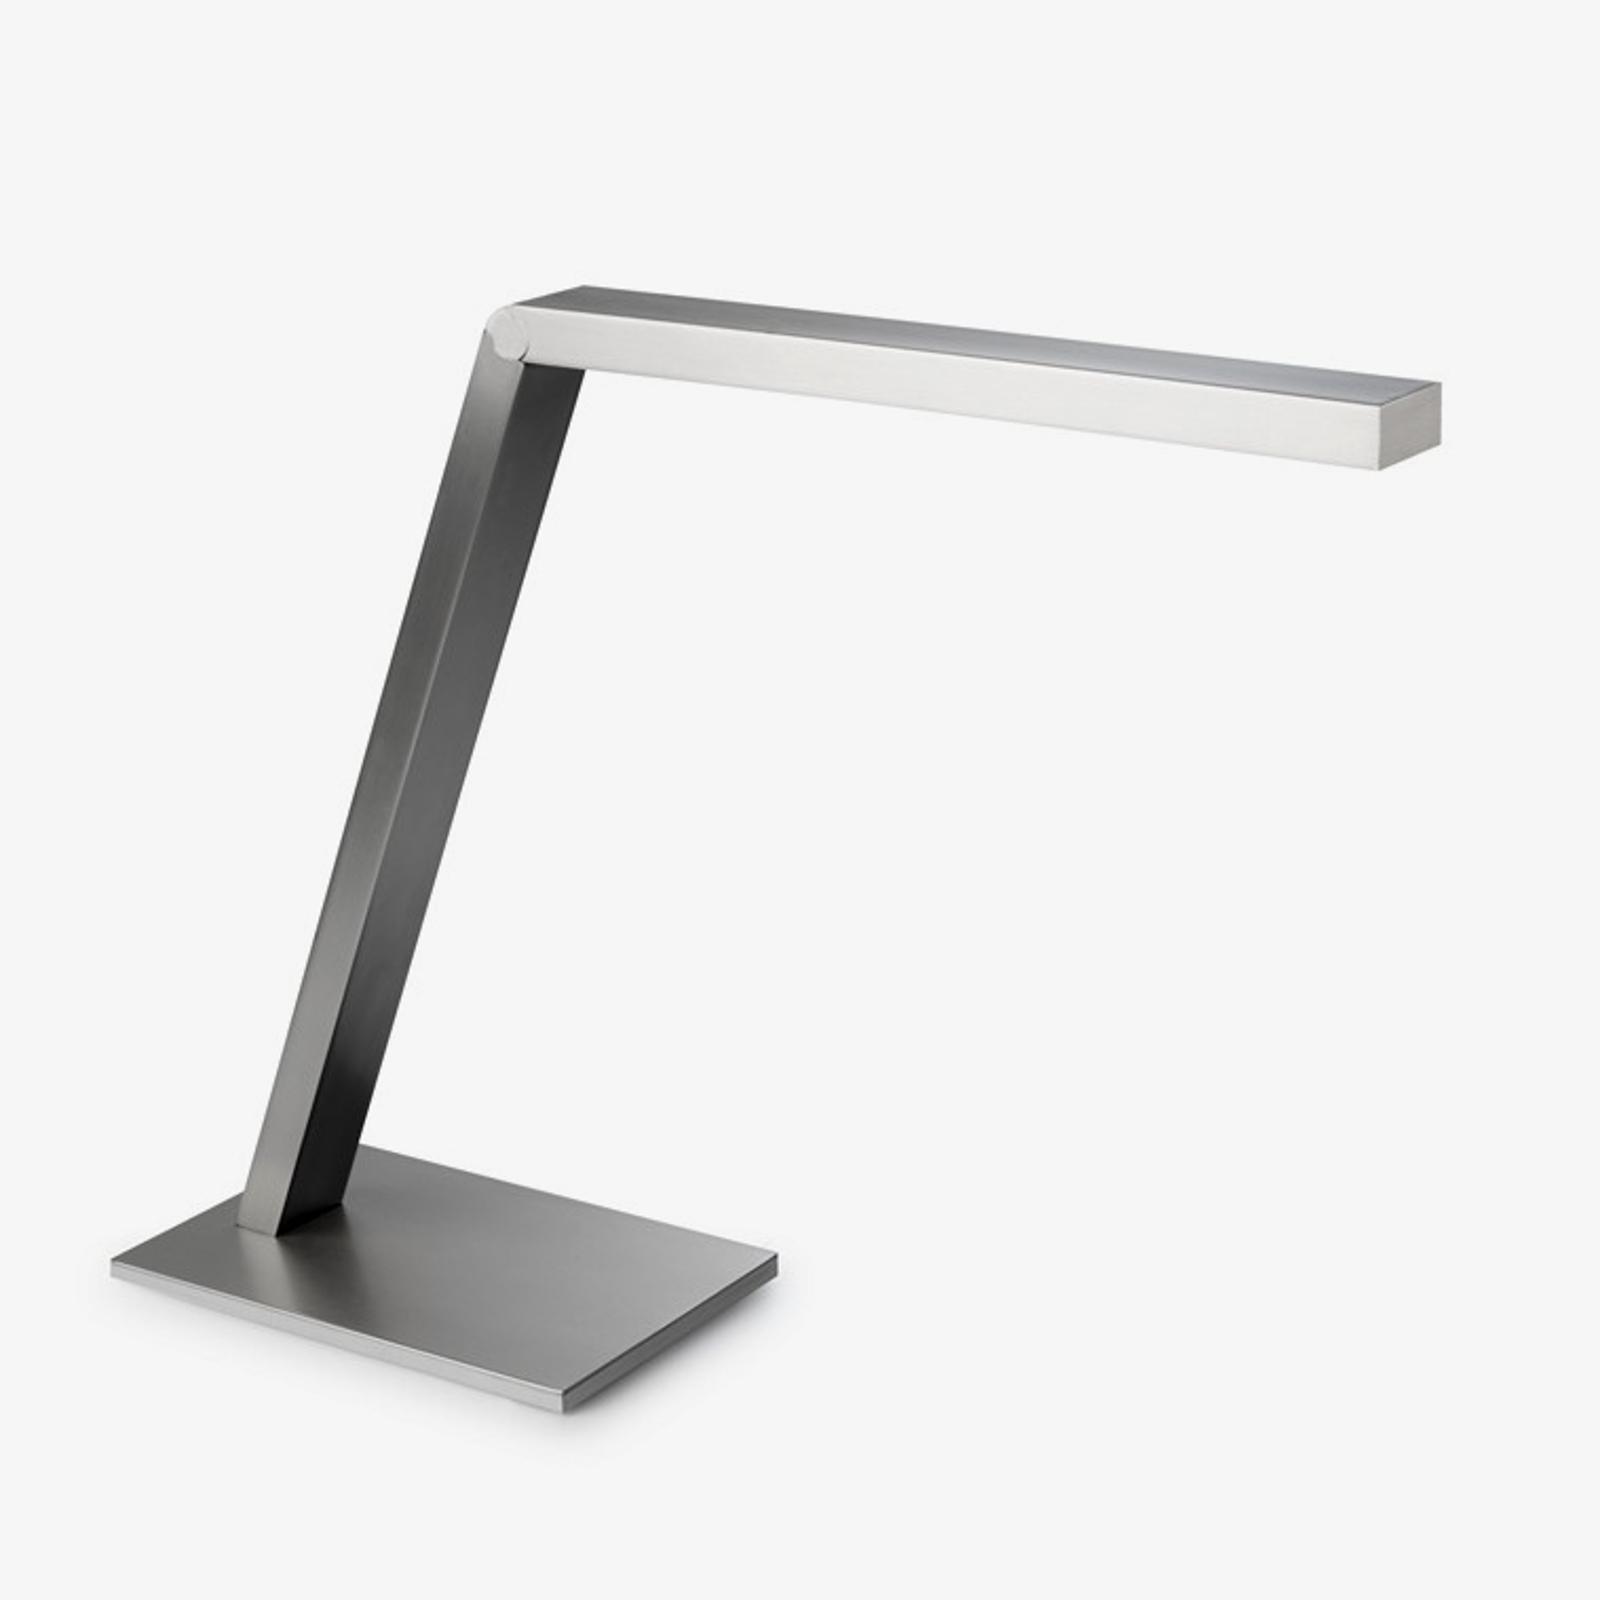 Lampa stołowa LED Clau ze ściemniaczem